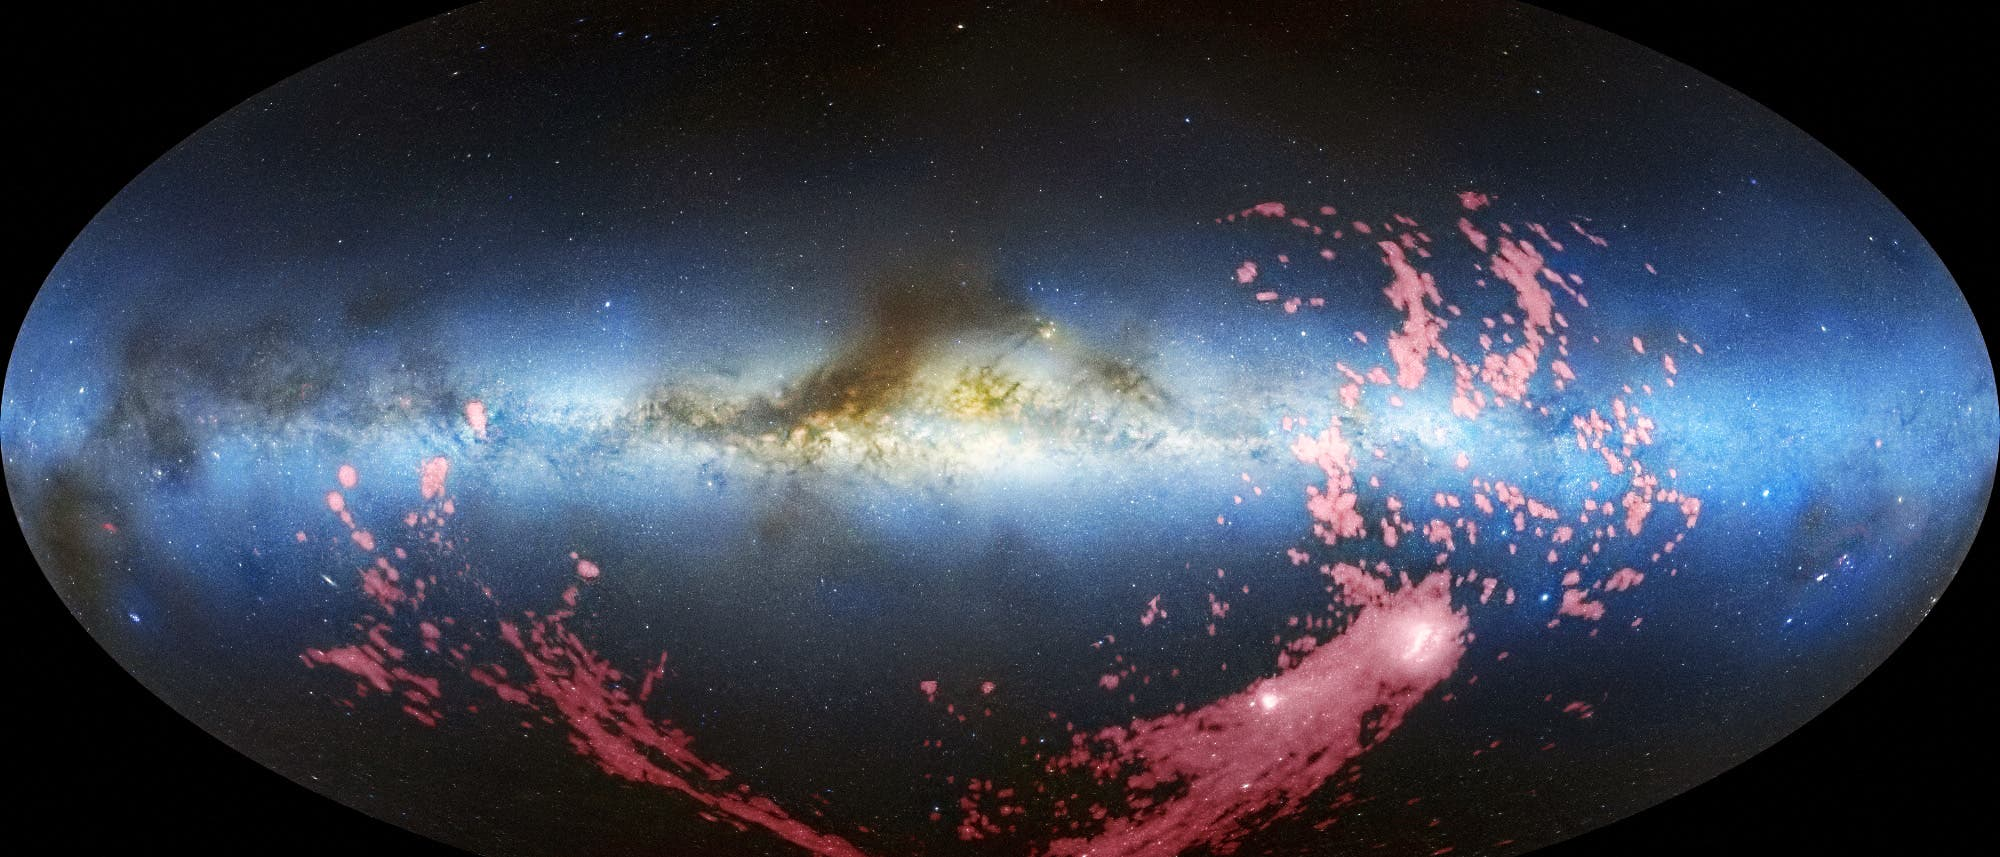 Der Magellansche Gasschweif (Radiokarte mit Milchstraßenpanorama)